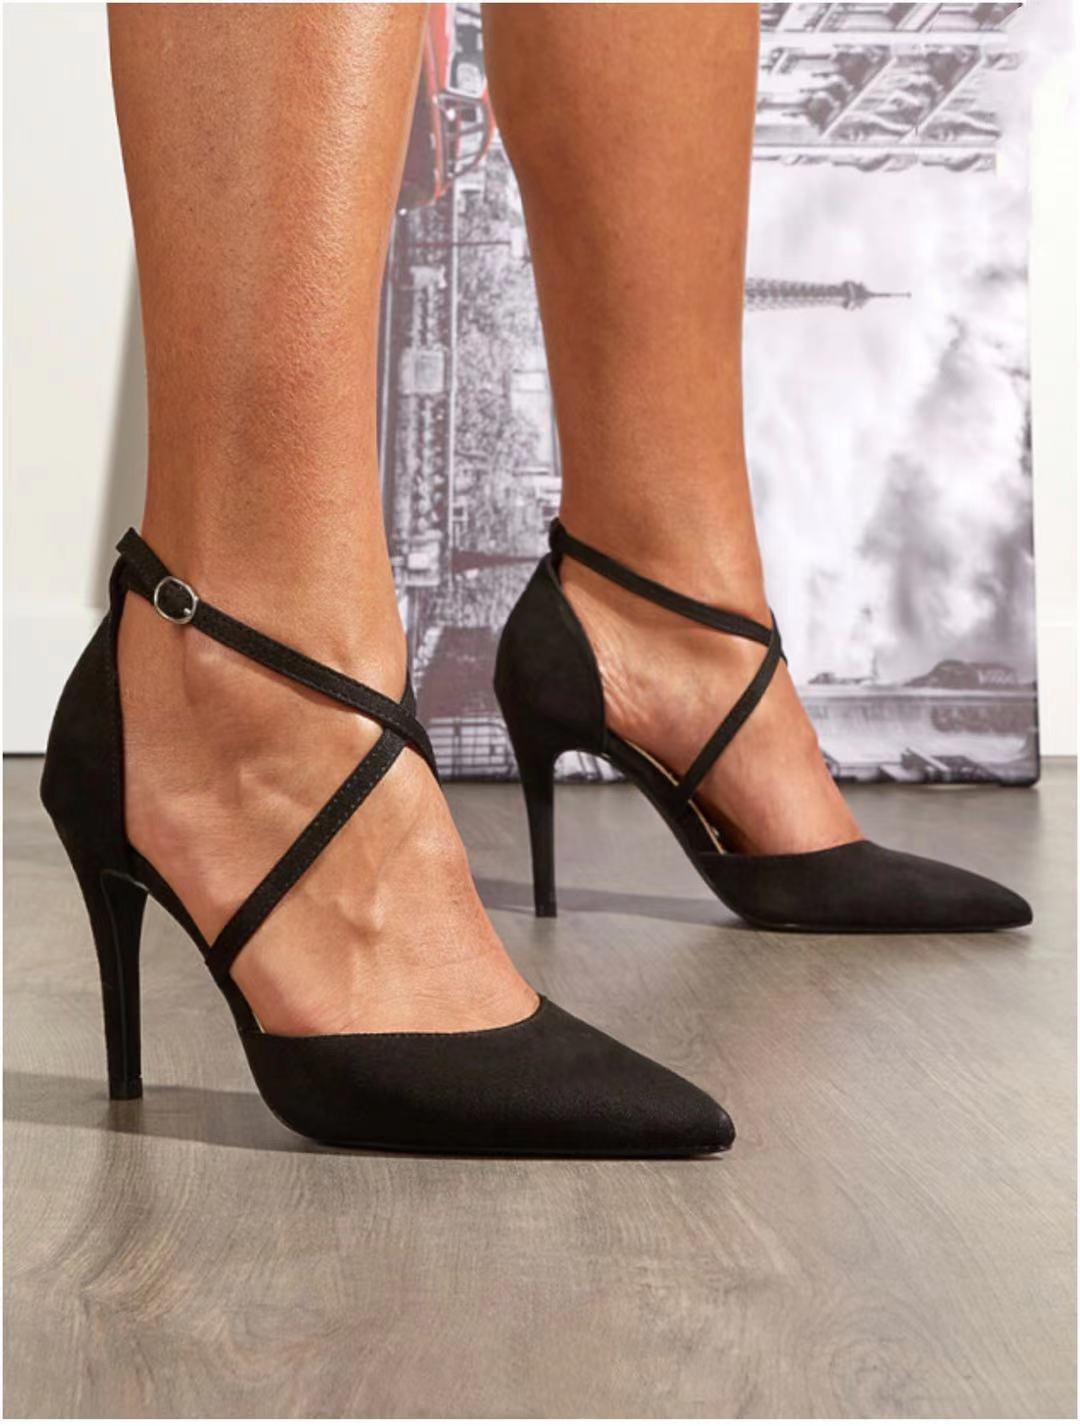 Escarpins Chaussures Noir VIVI RICH 550 #c eFashion Paris